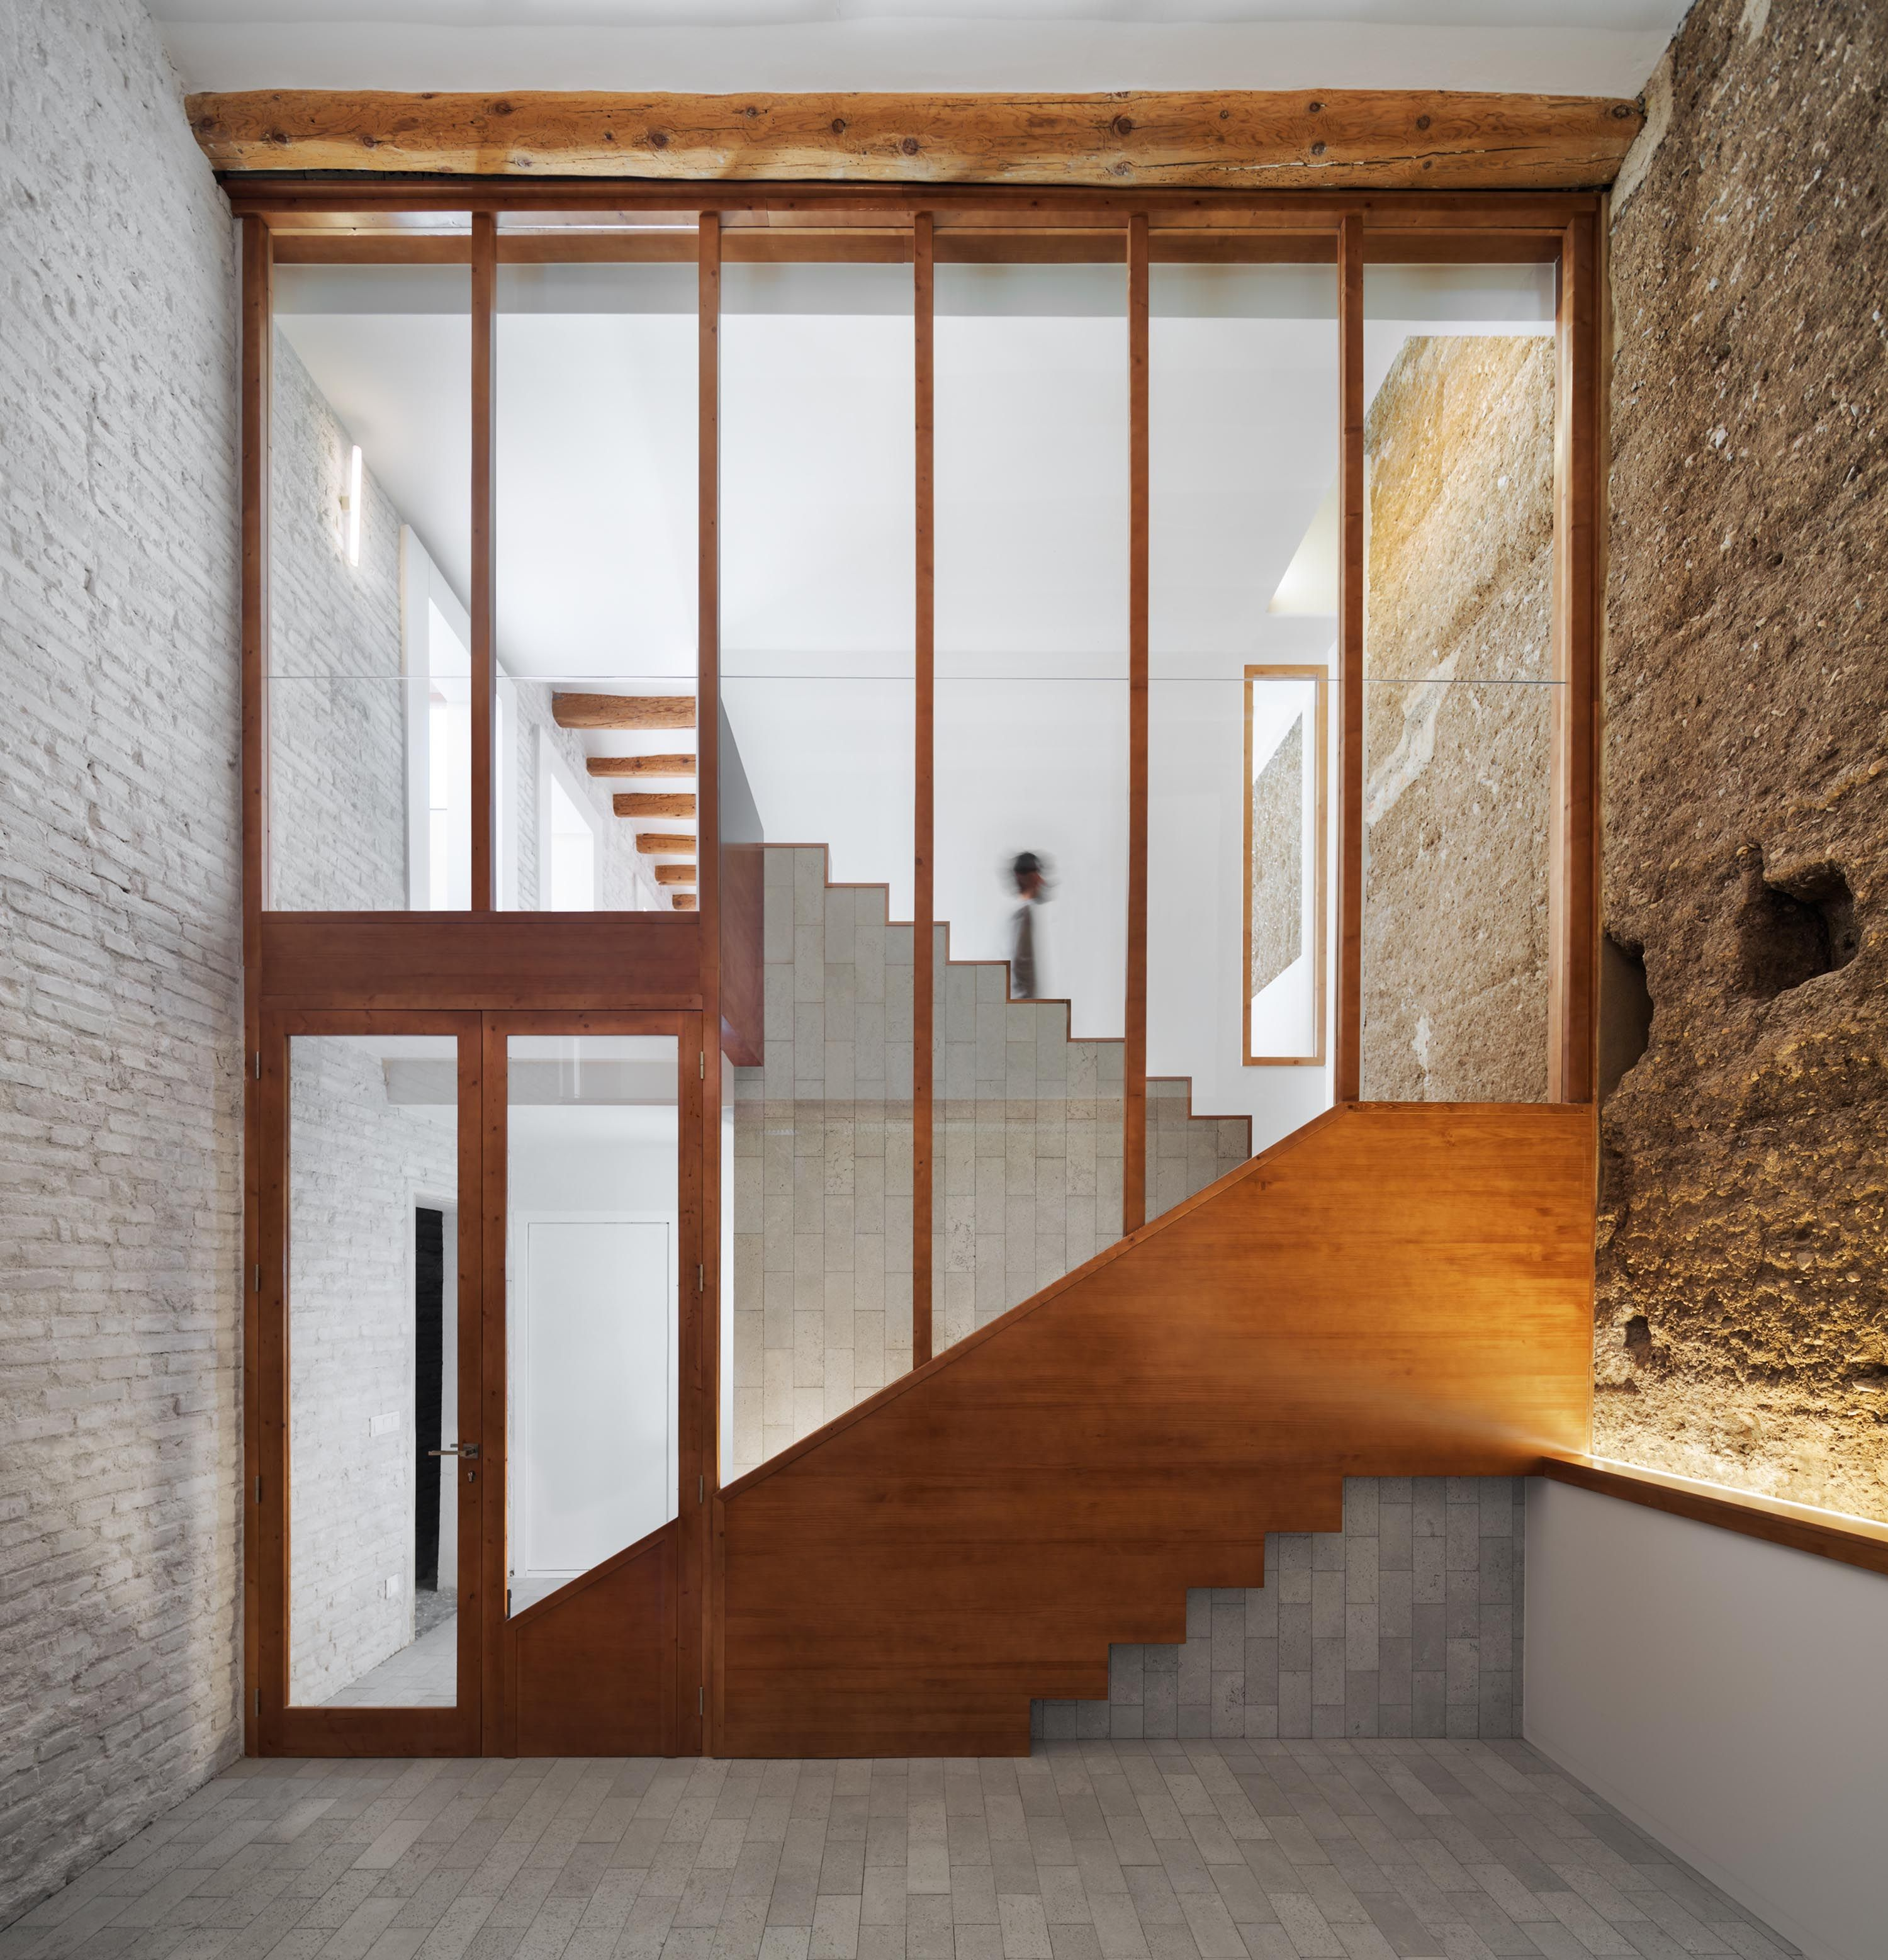 Invece se lavorate da soli nello studio, è sufficiente un tavolo e una sedia. Hiha Studio Renovates A Modern Courtyard House In Catalonia Spain